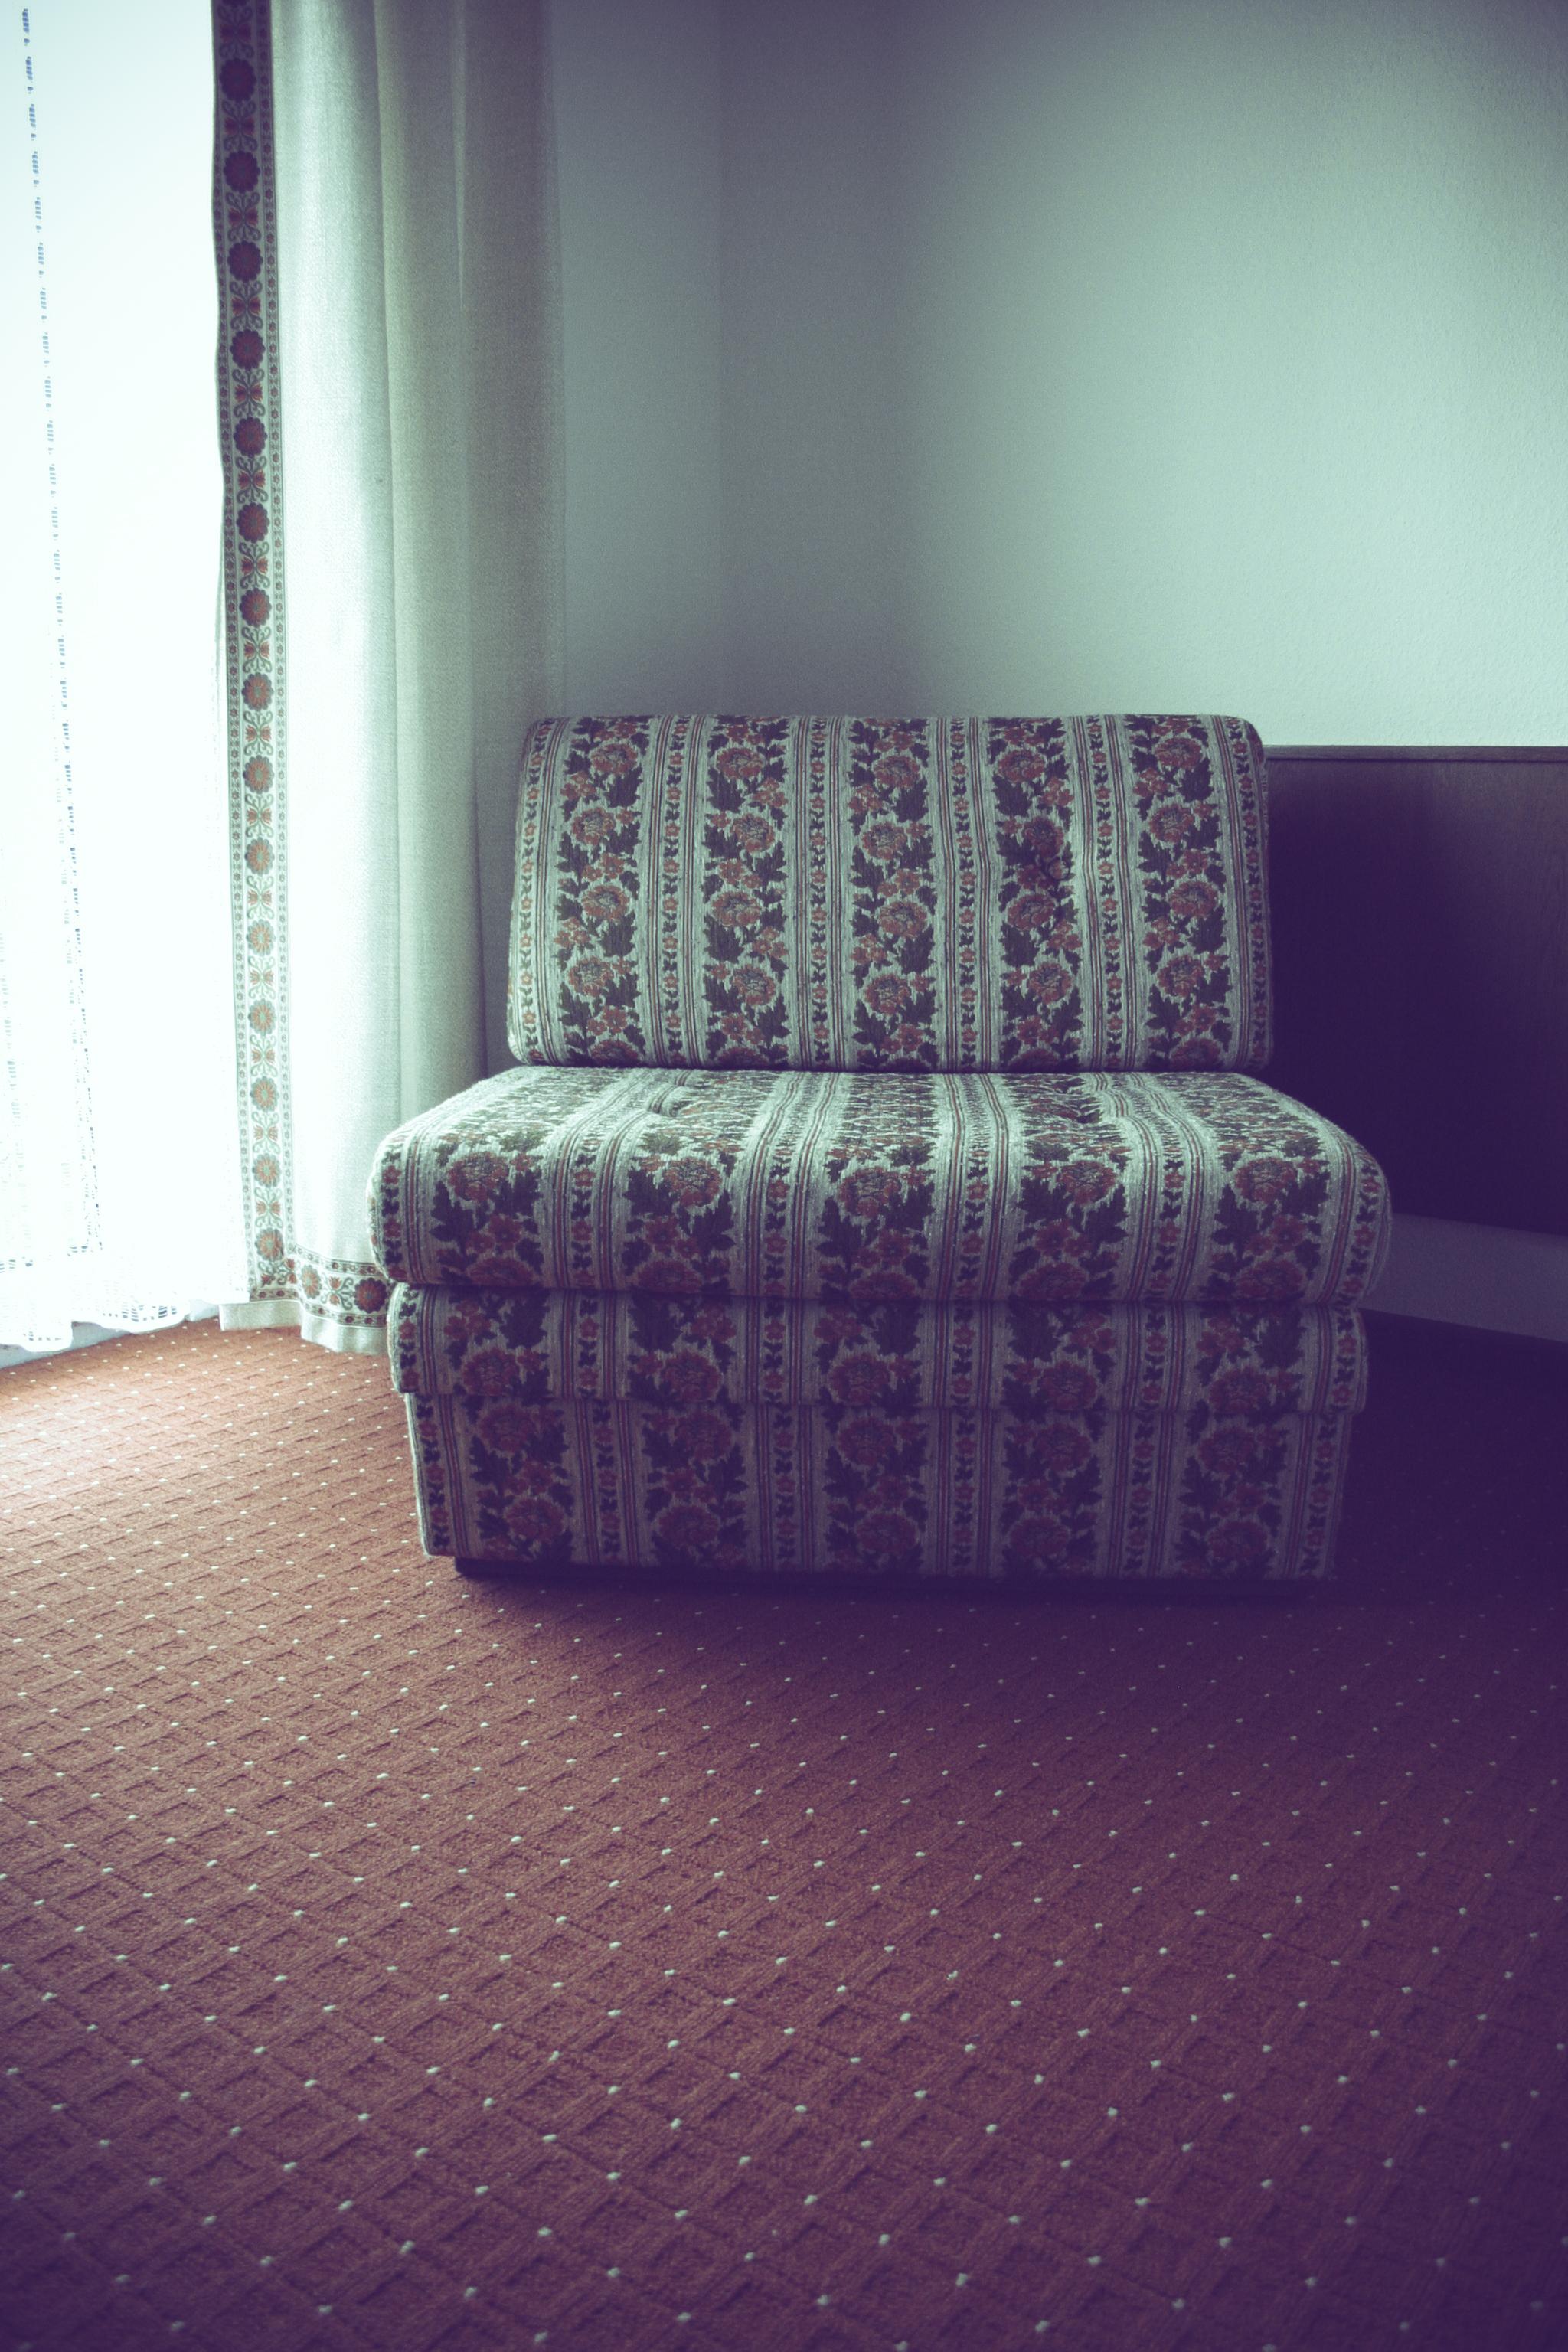 Images Gratuites : table, cru, Rétro, chaise, sol, floral ...